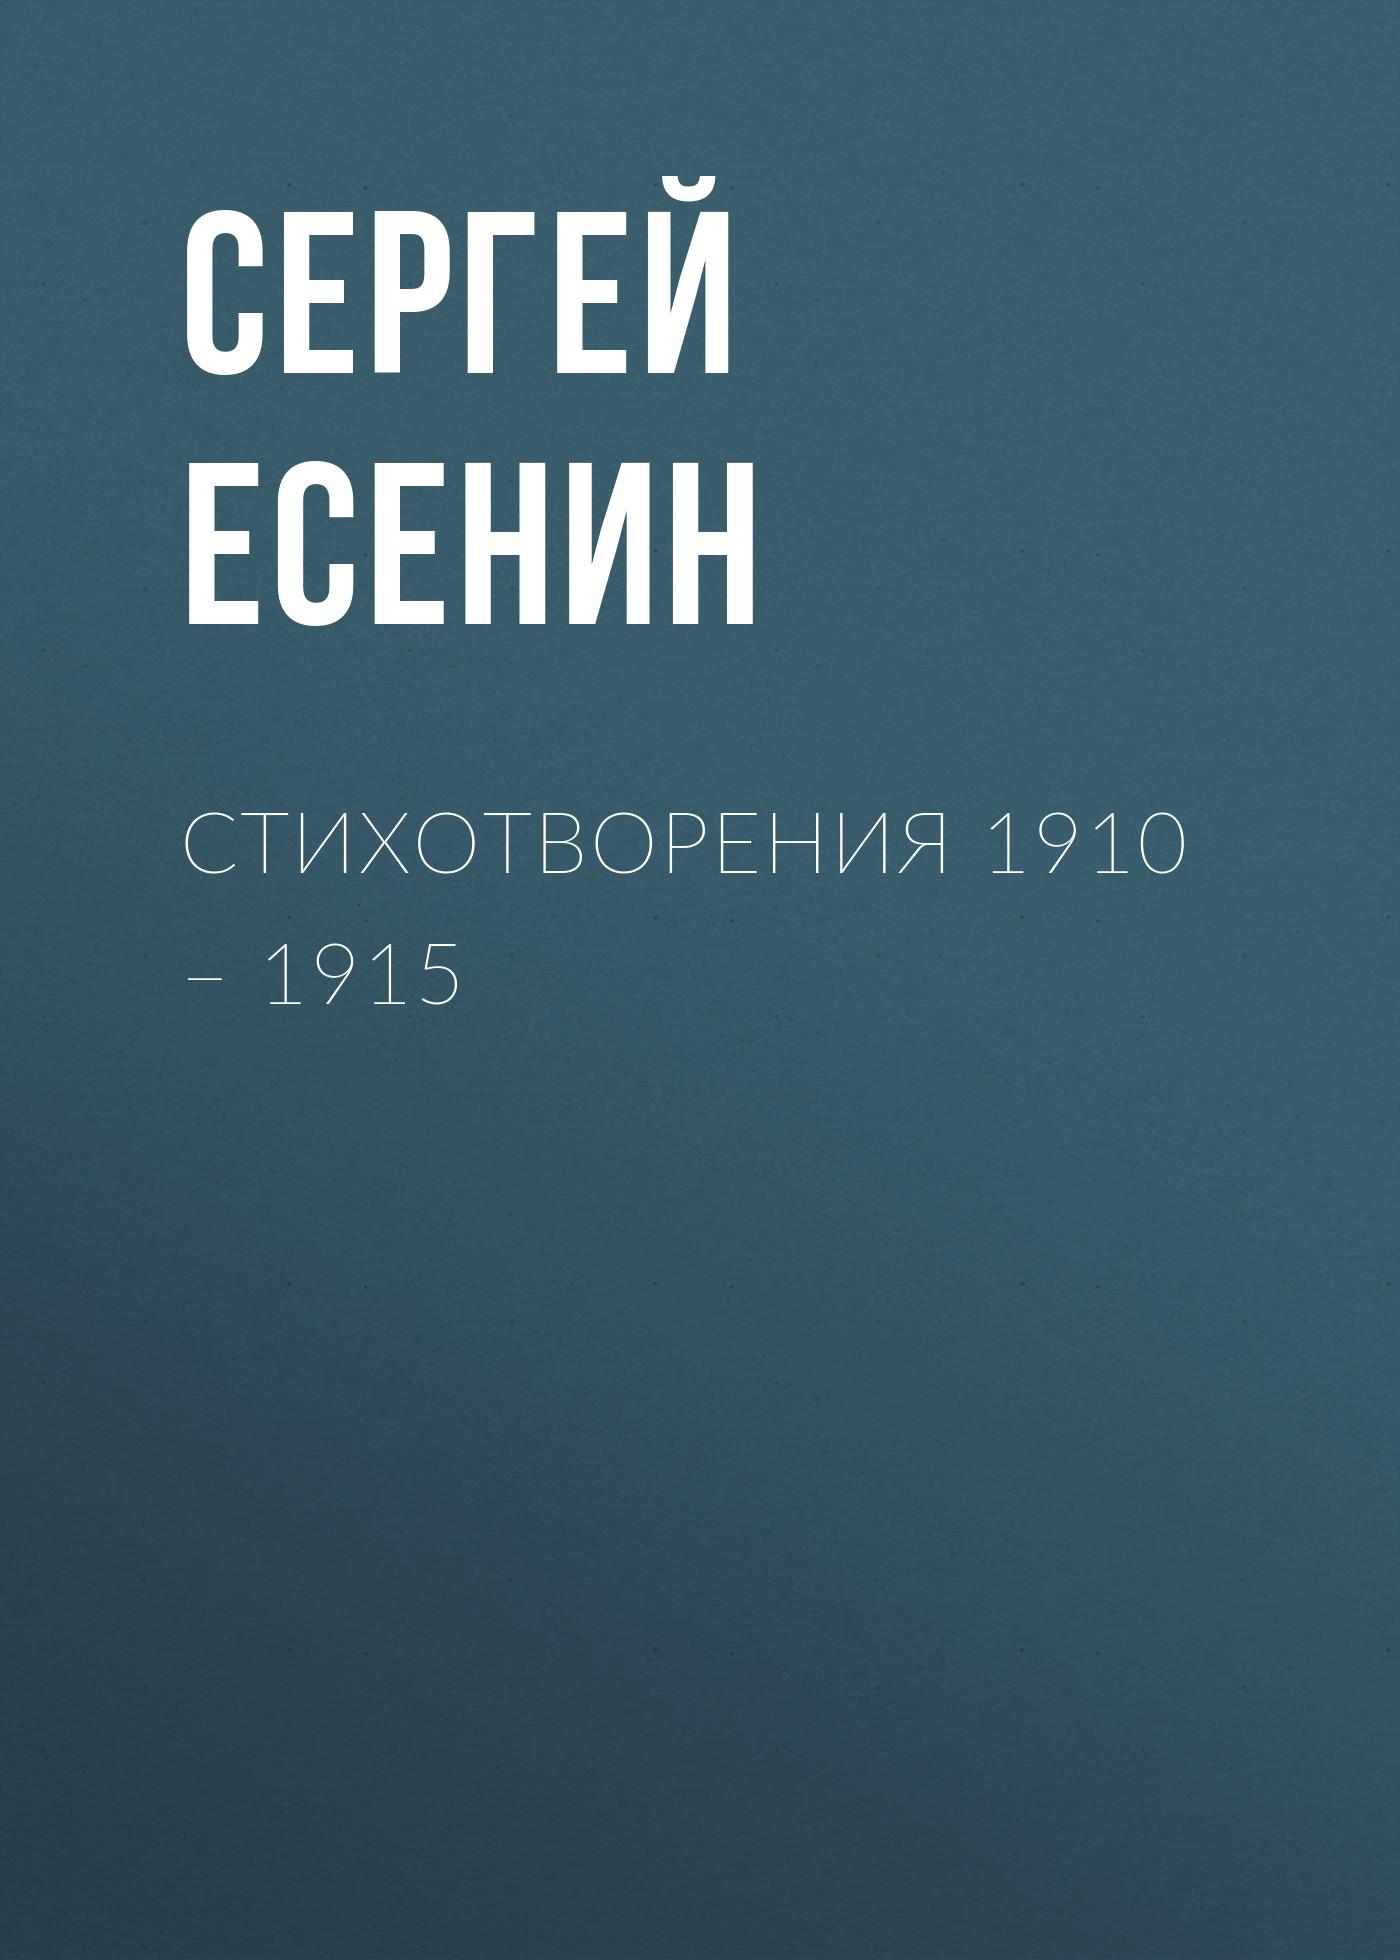 Сергей Есенин Стихотворения 1910 – 1915 сергей орлов сергей орлов стихотворения